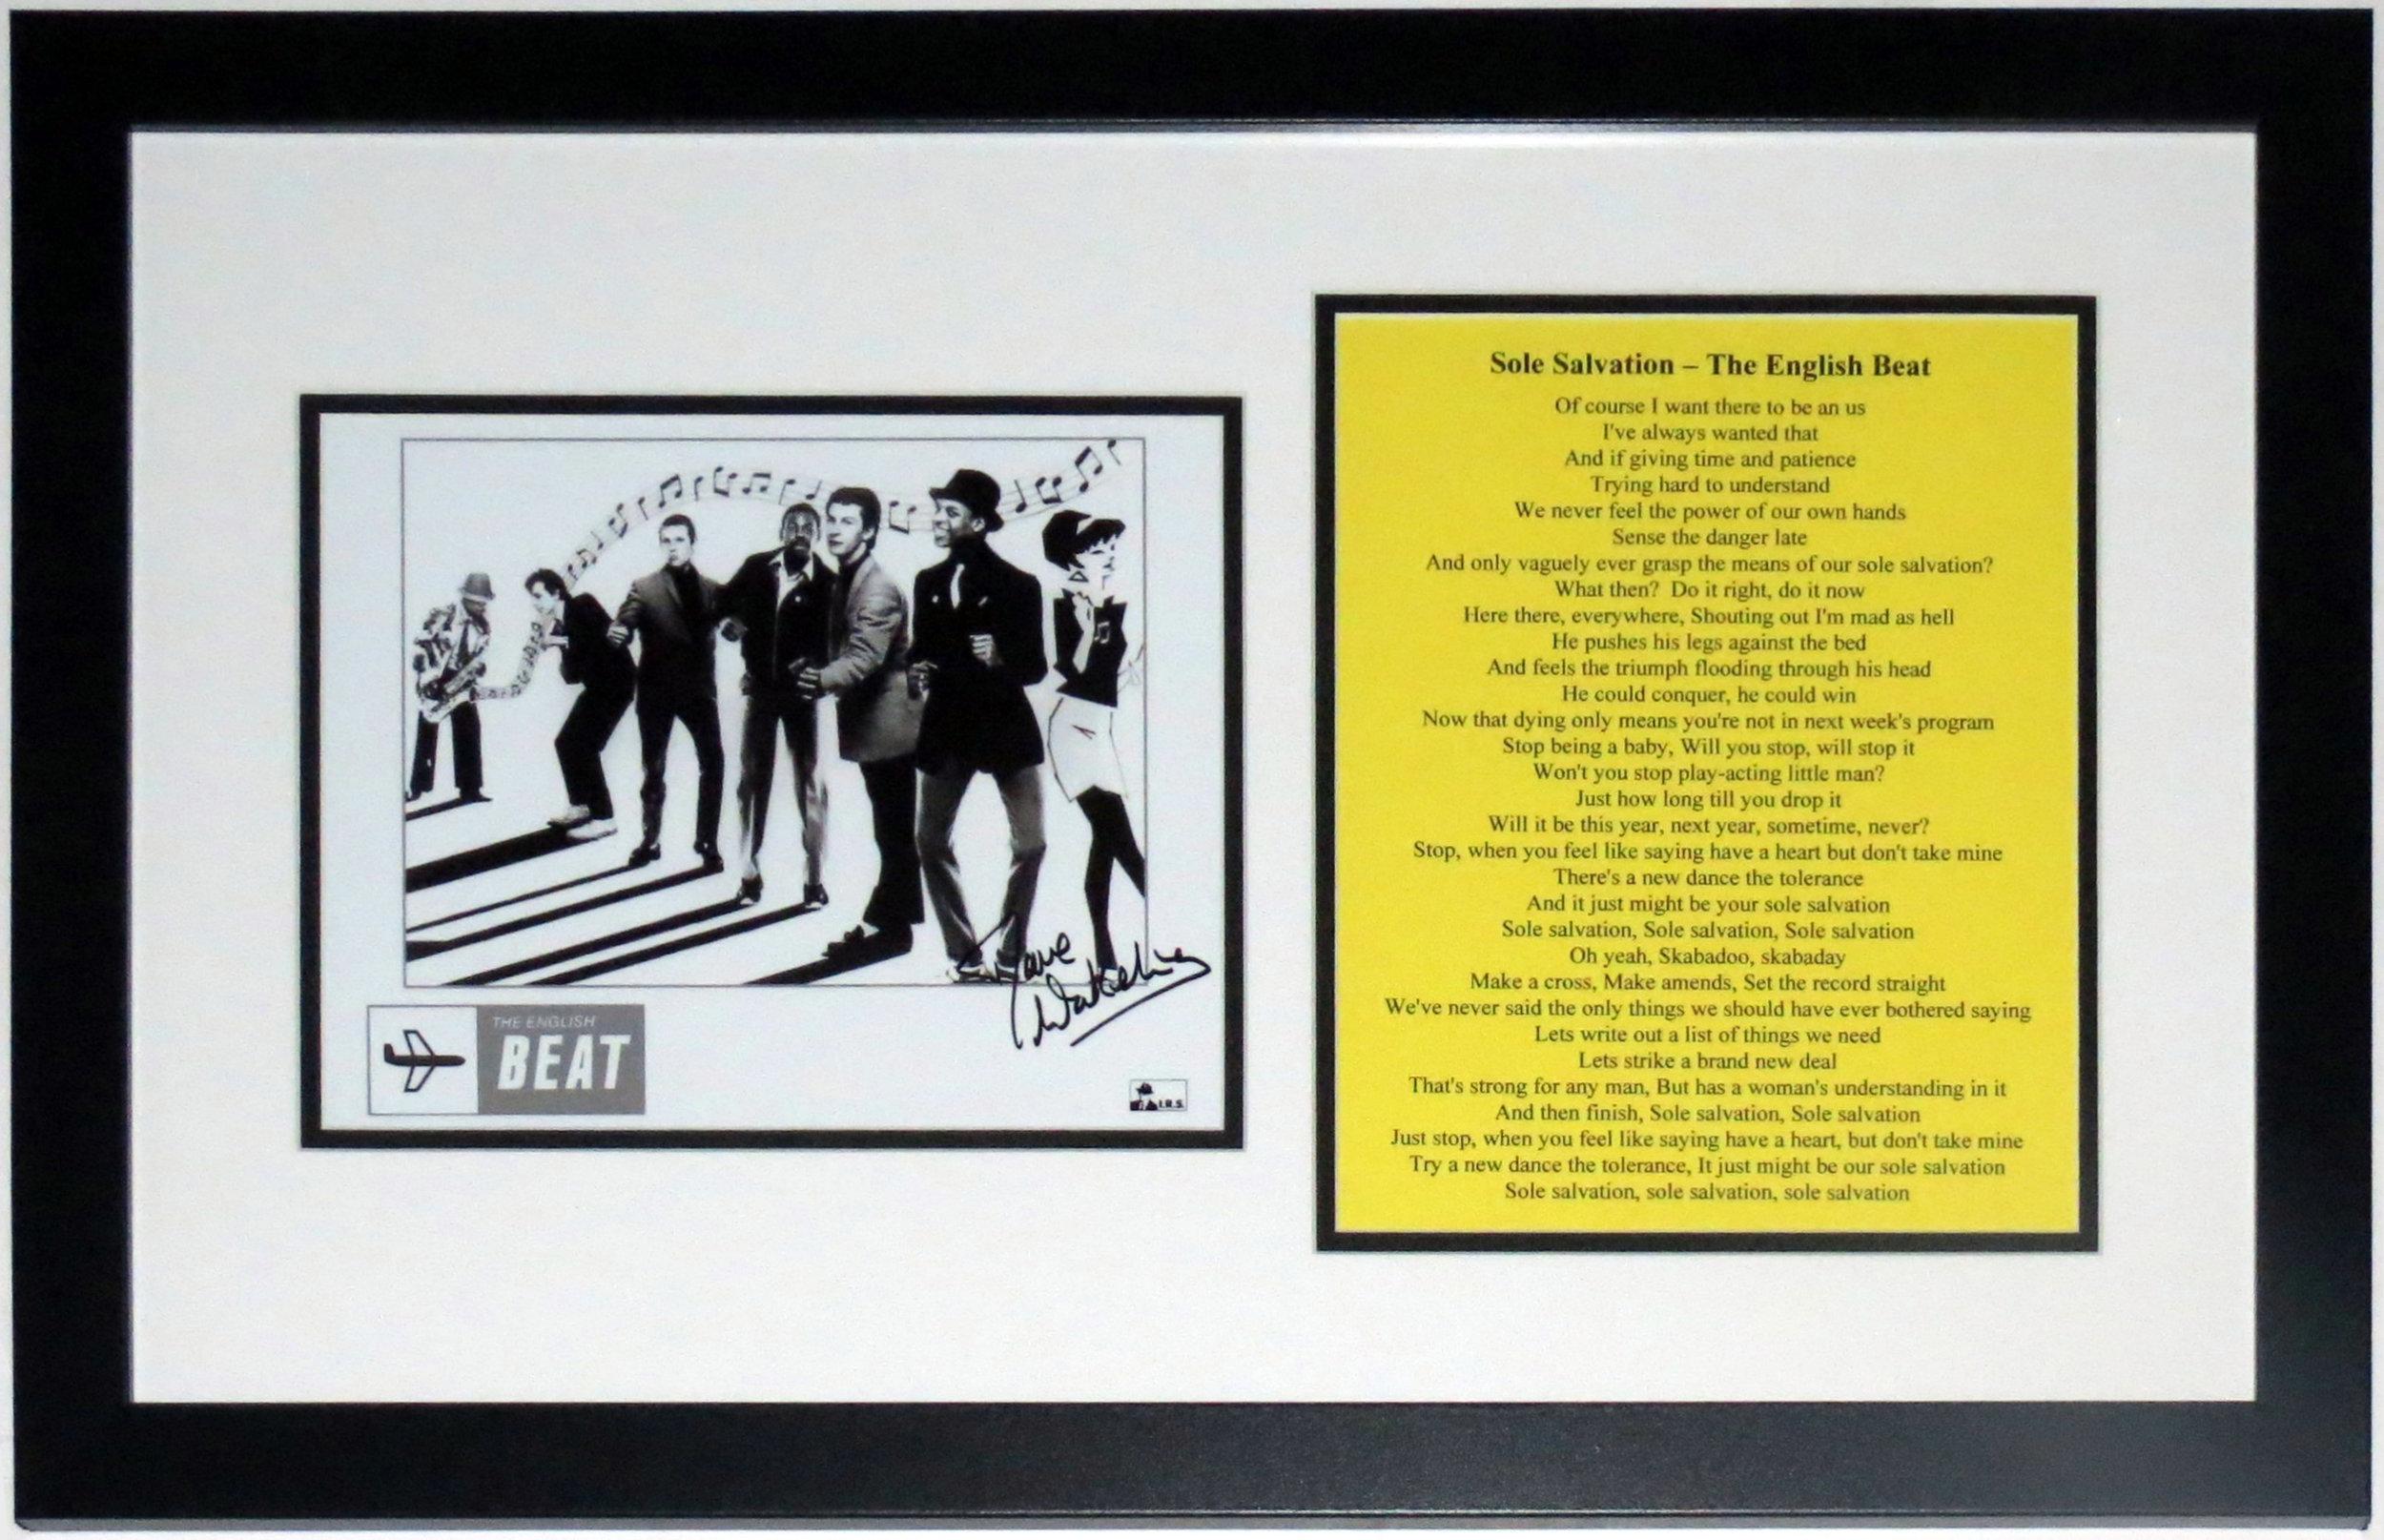 David Wakeling Signed The English Beat 8x10 Tour Photo - BSI COA Authenticated - Professionally Framed & Lyrics